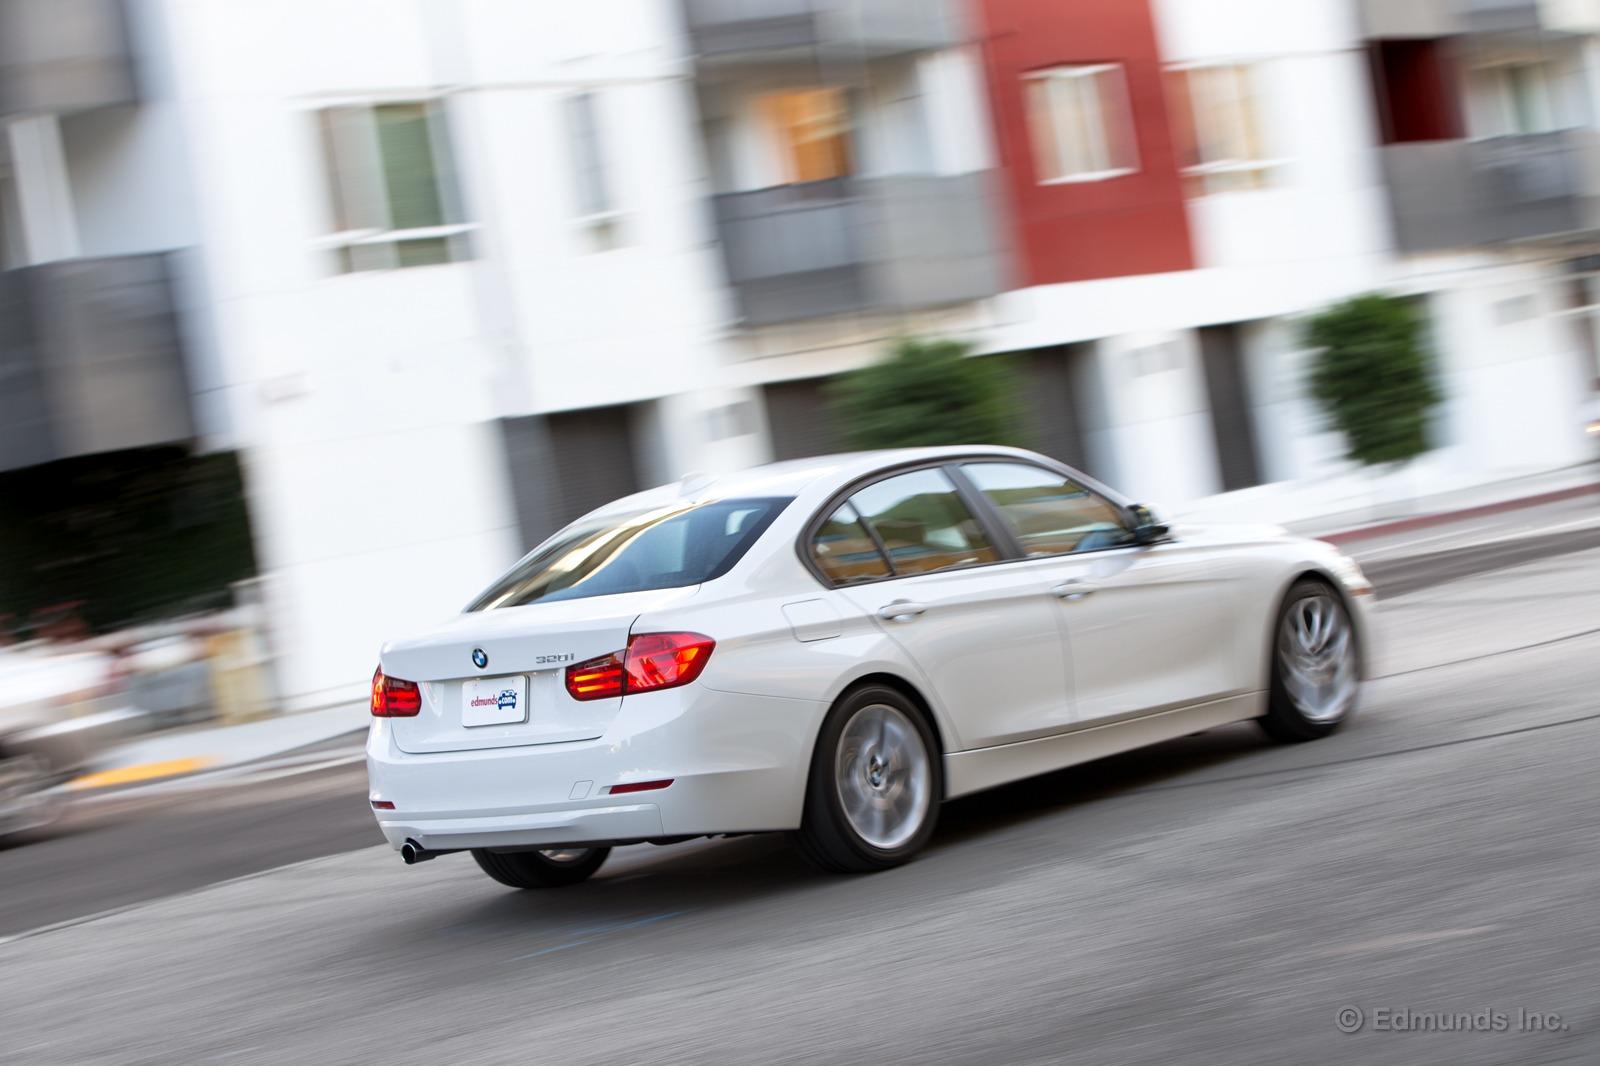 BMW 3 Series 2013 bmw 320i review 2014 BMW F30 320i Review by Edmunds.com - autoevolution